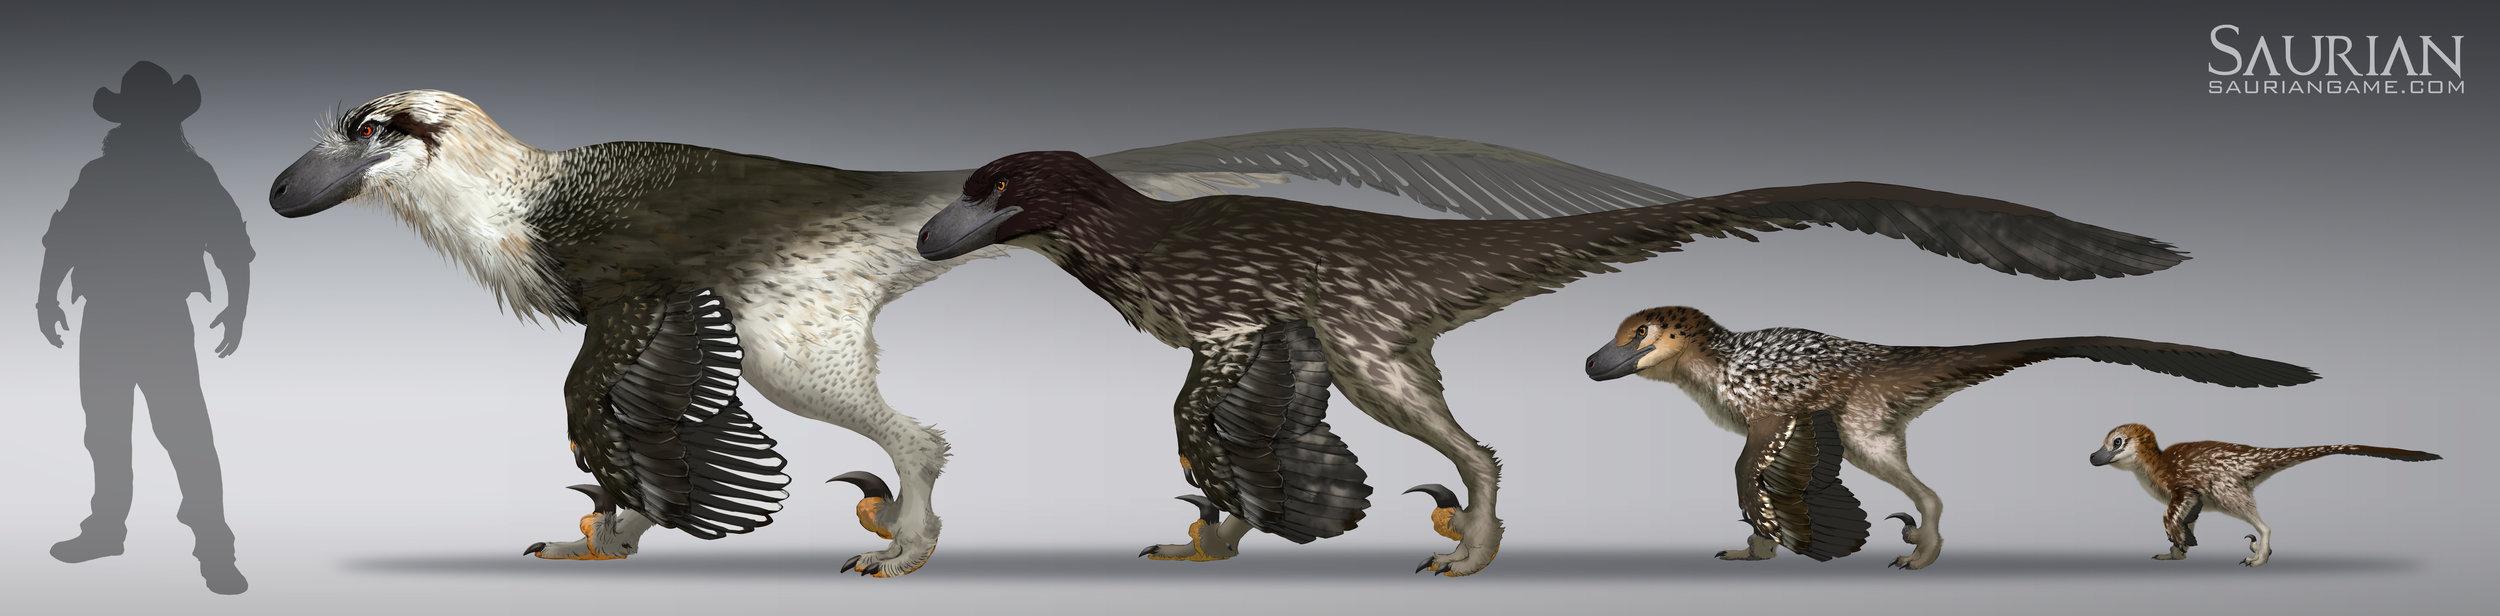 Dakotaraptor Ontogeny